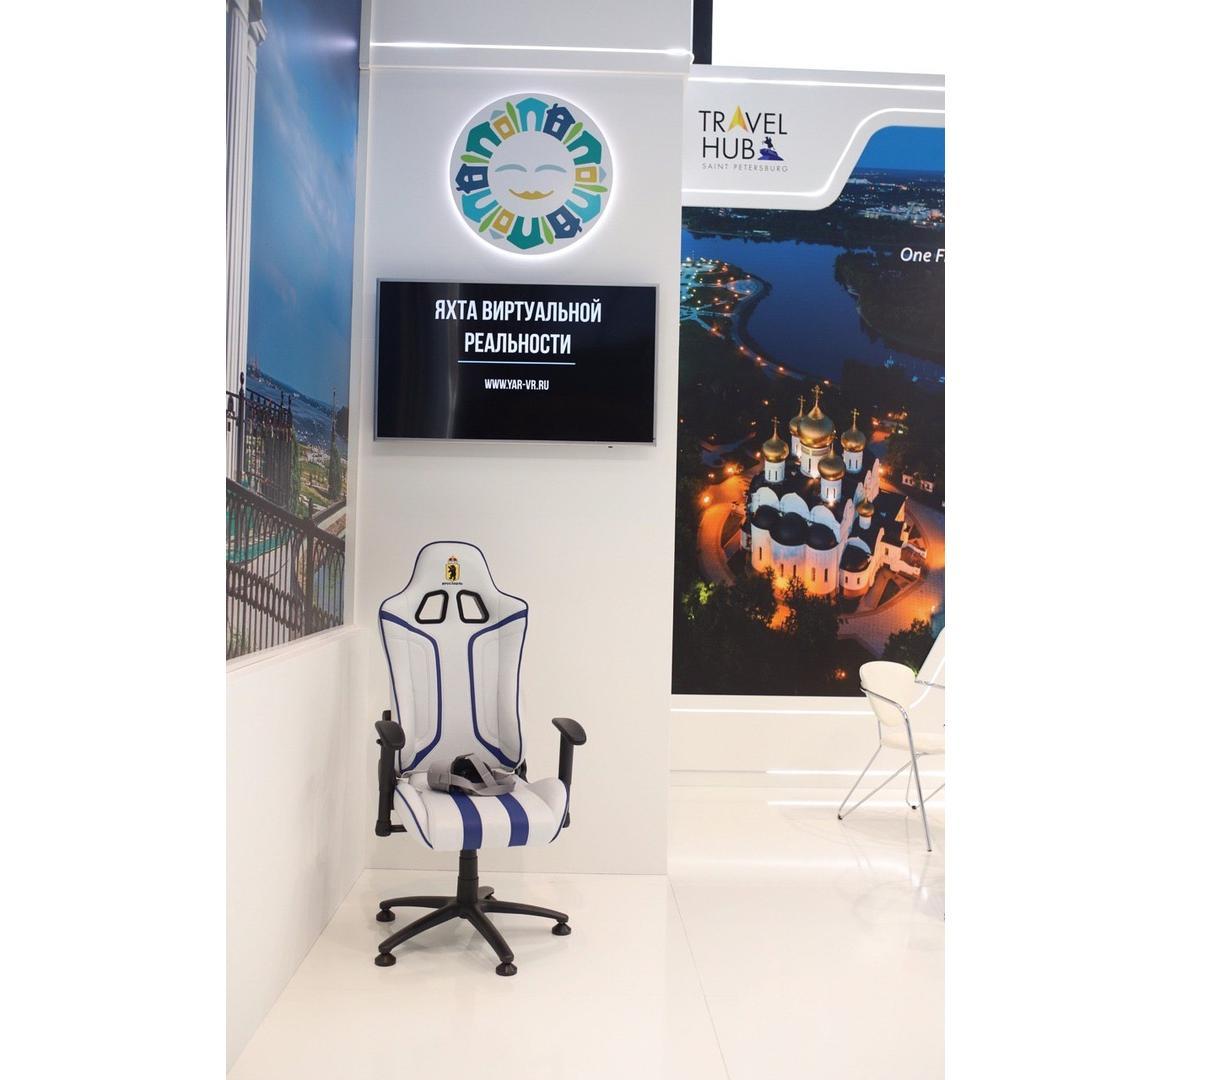 «Летучий корабль»: ярославскую виртуальную яхту представили на ассамблее Всемирной туристской организации